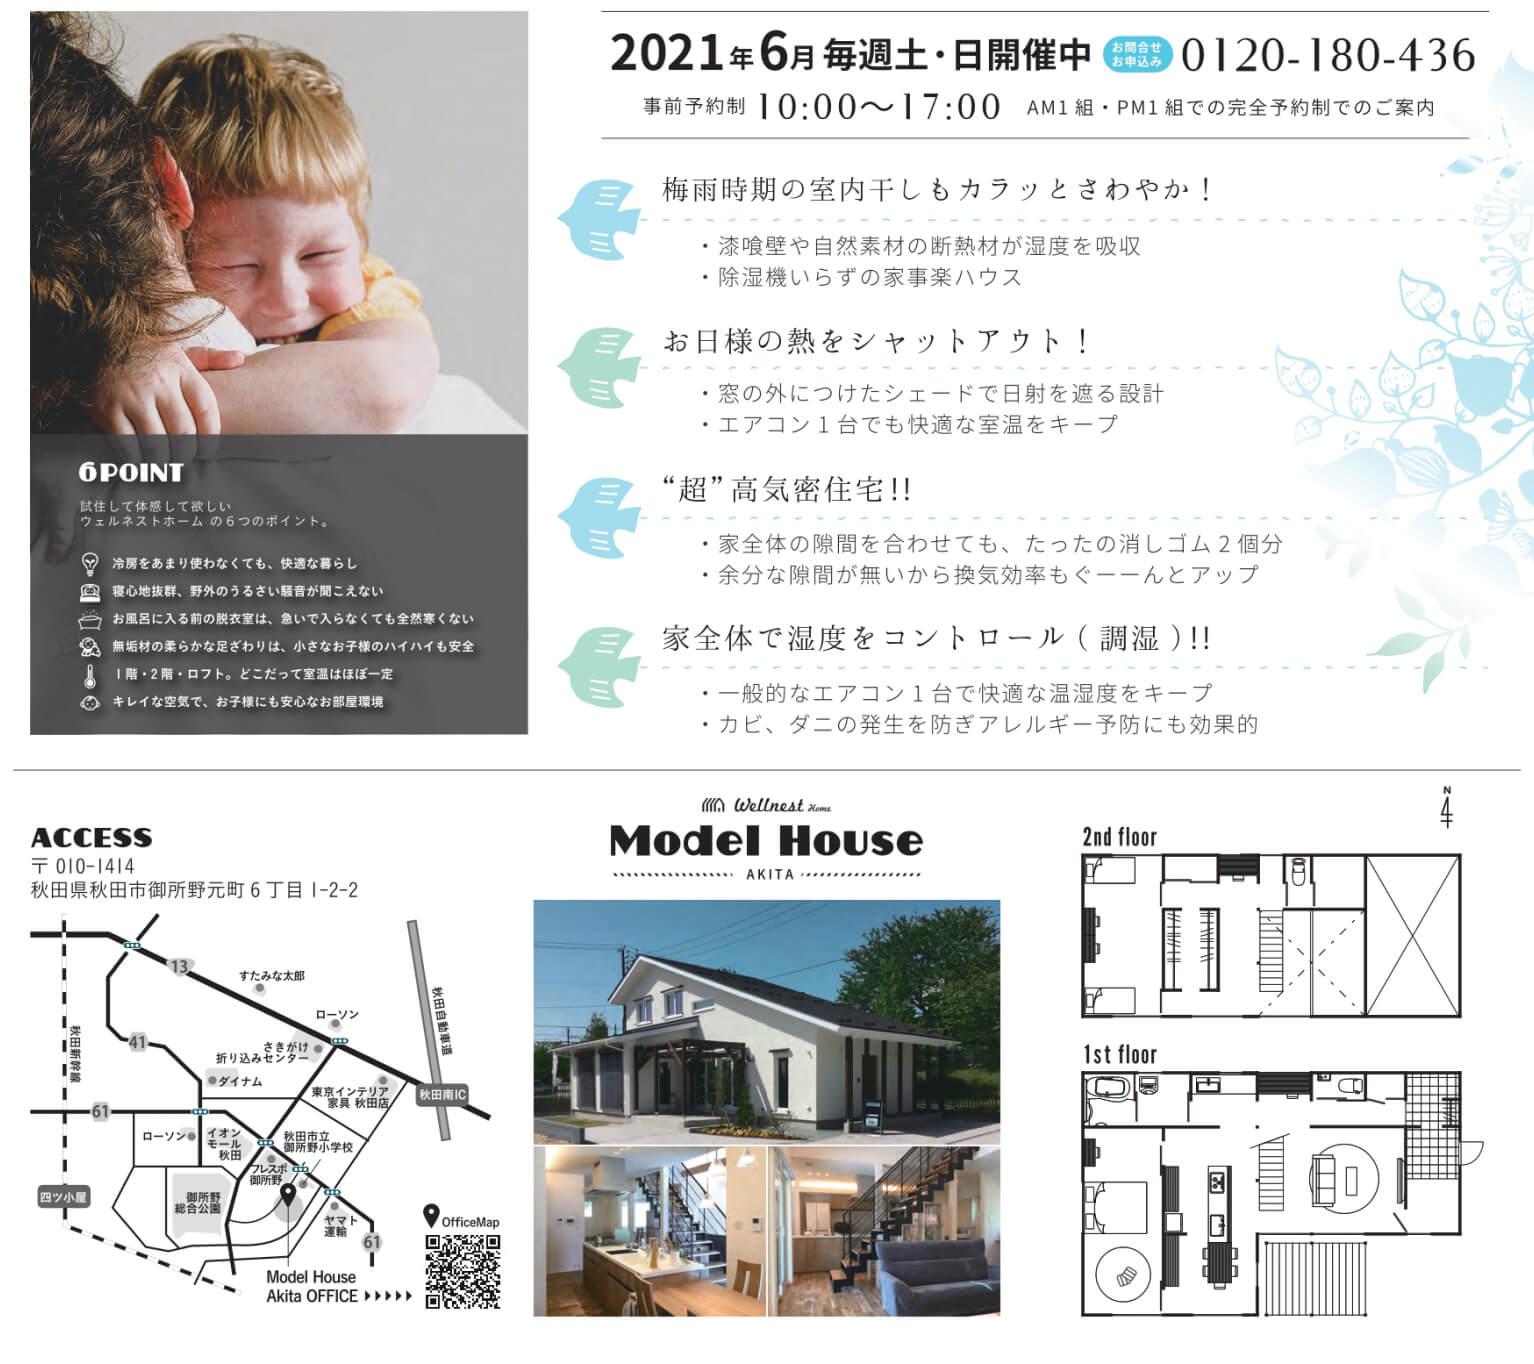 2021年6月 毎週土・日開催中 Wellnest home 御所野モデルハウス さわやか体験会